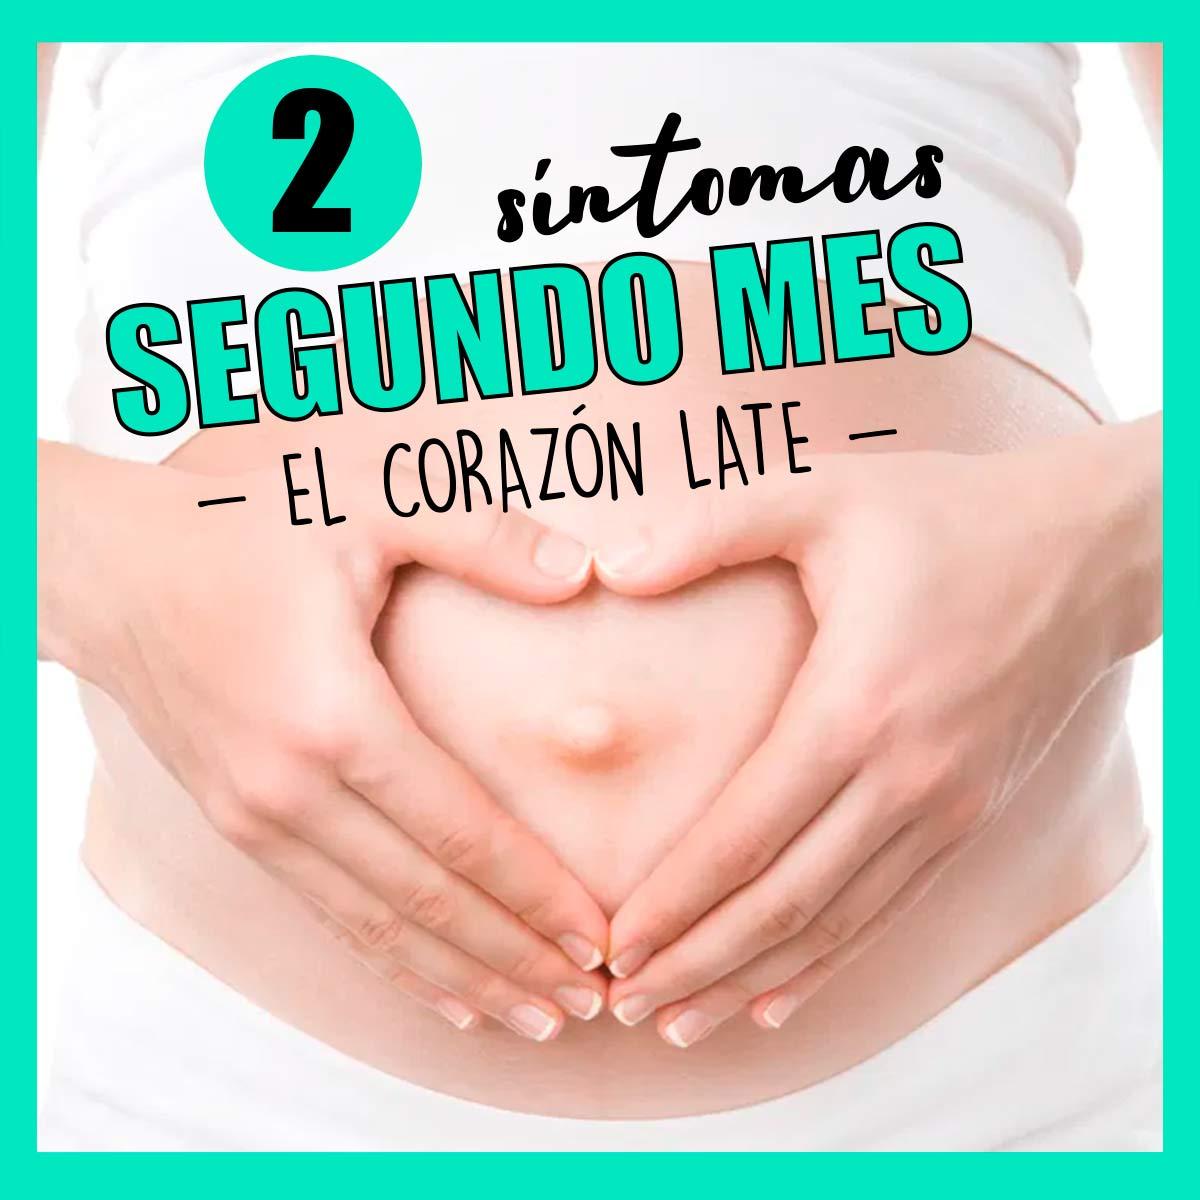 sintomas-segundo-mes-embarazo-2-mes-5-6-7-8--semanas-embarazada